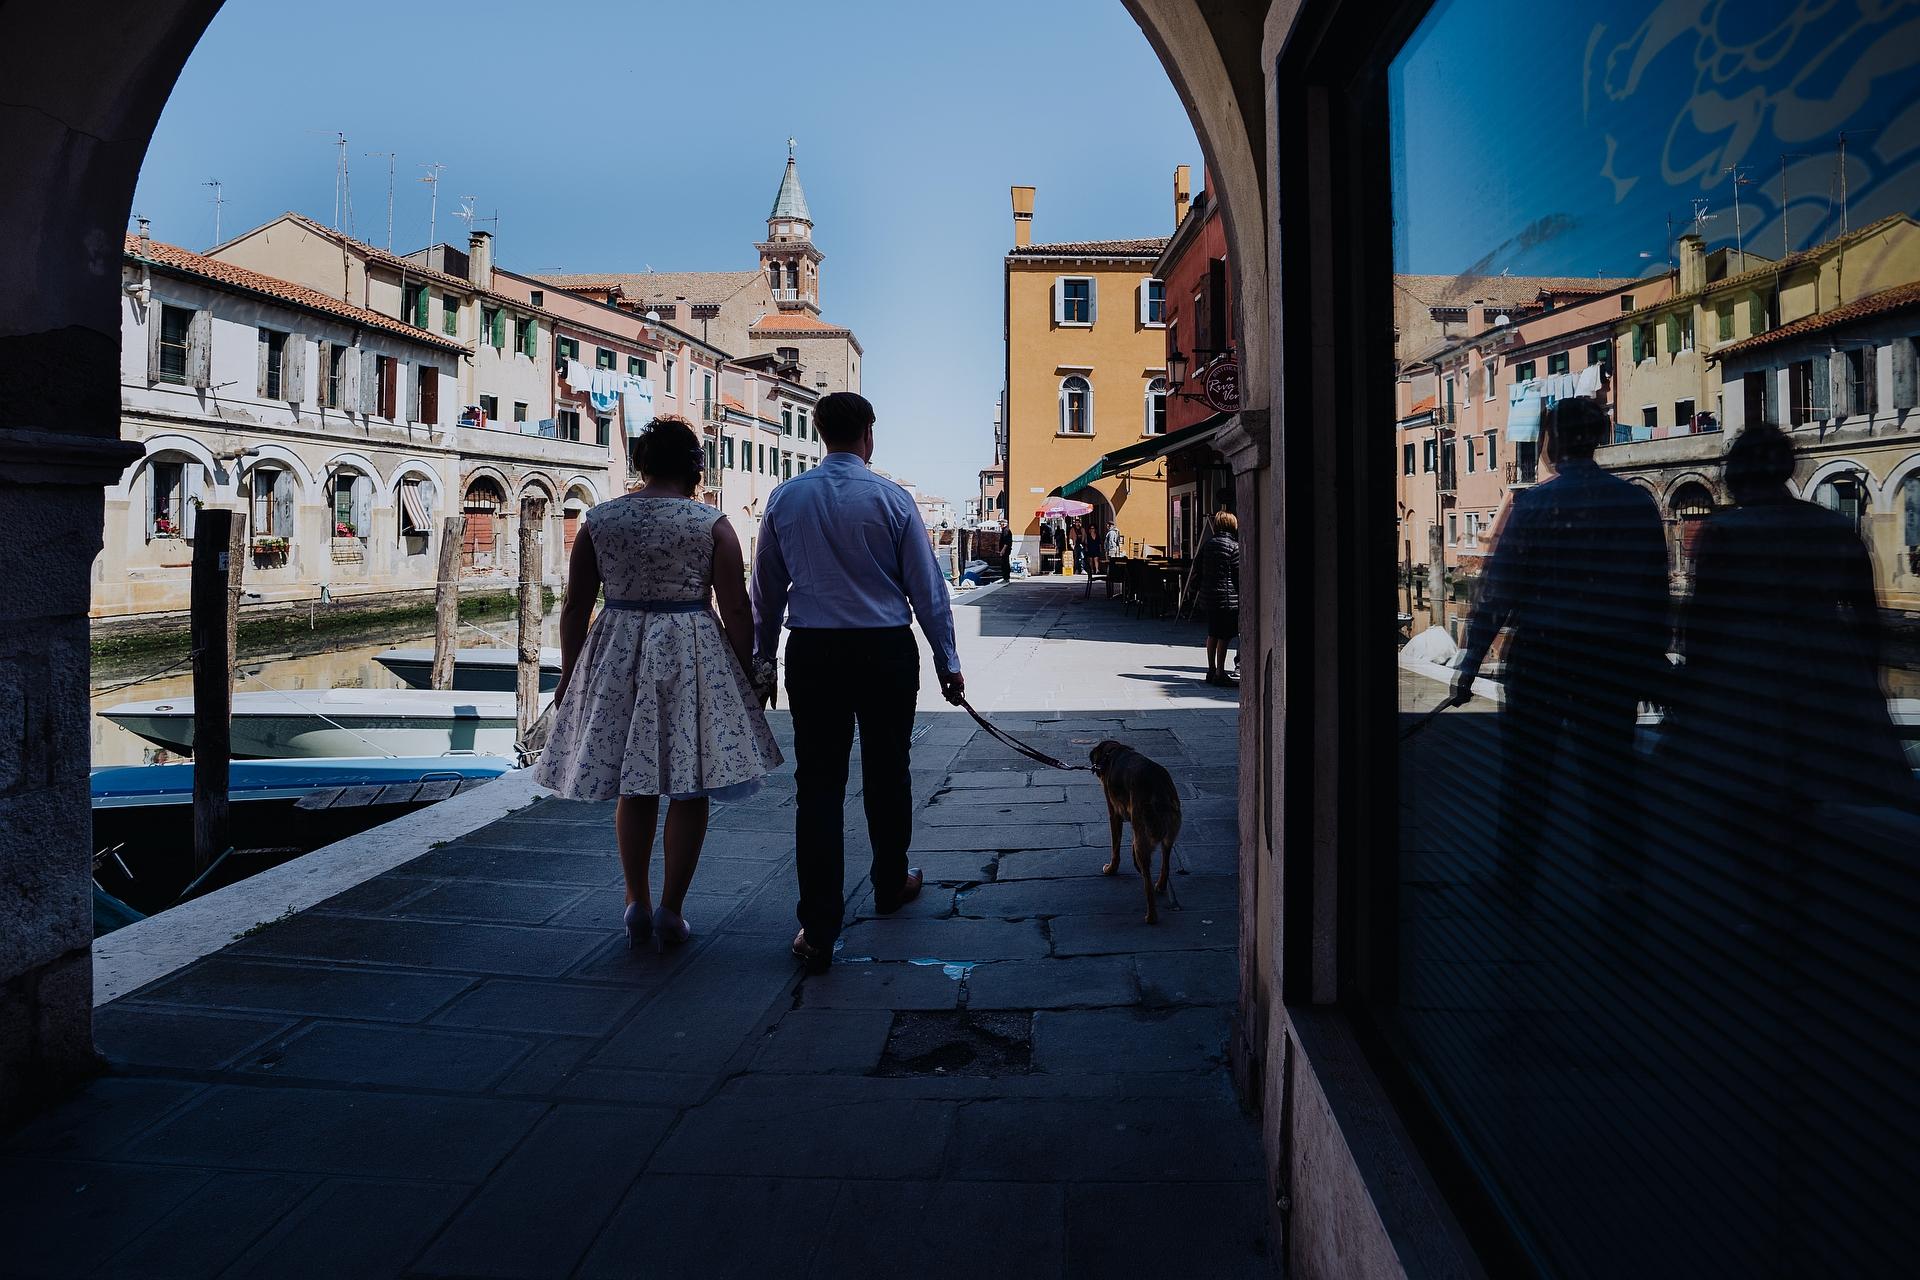 Italie Elopement Photographie de Chioggia | La mariée et le marié se promènent dans des rues typiques